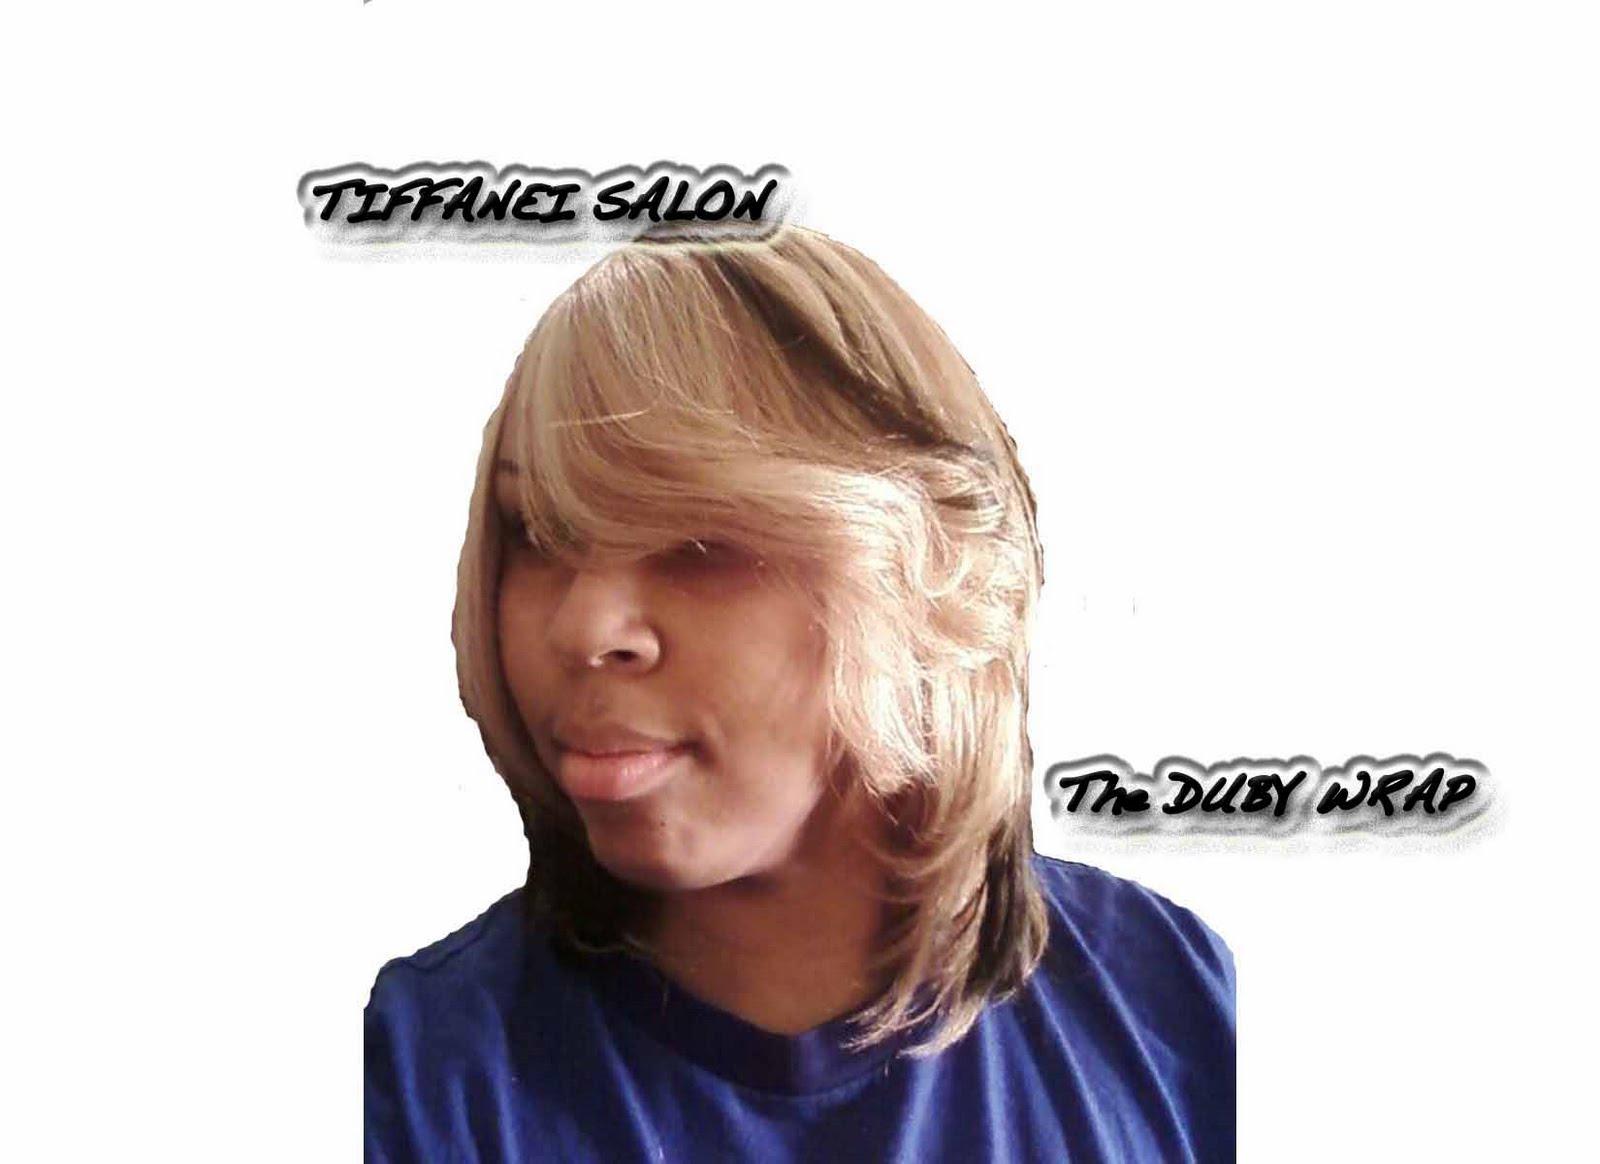 Wondrous Duby Hairstyles Short Hairstyles Cuts Short Hairstyles Gunalazisus